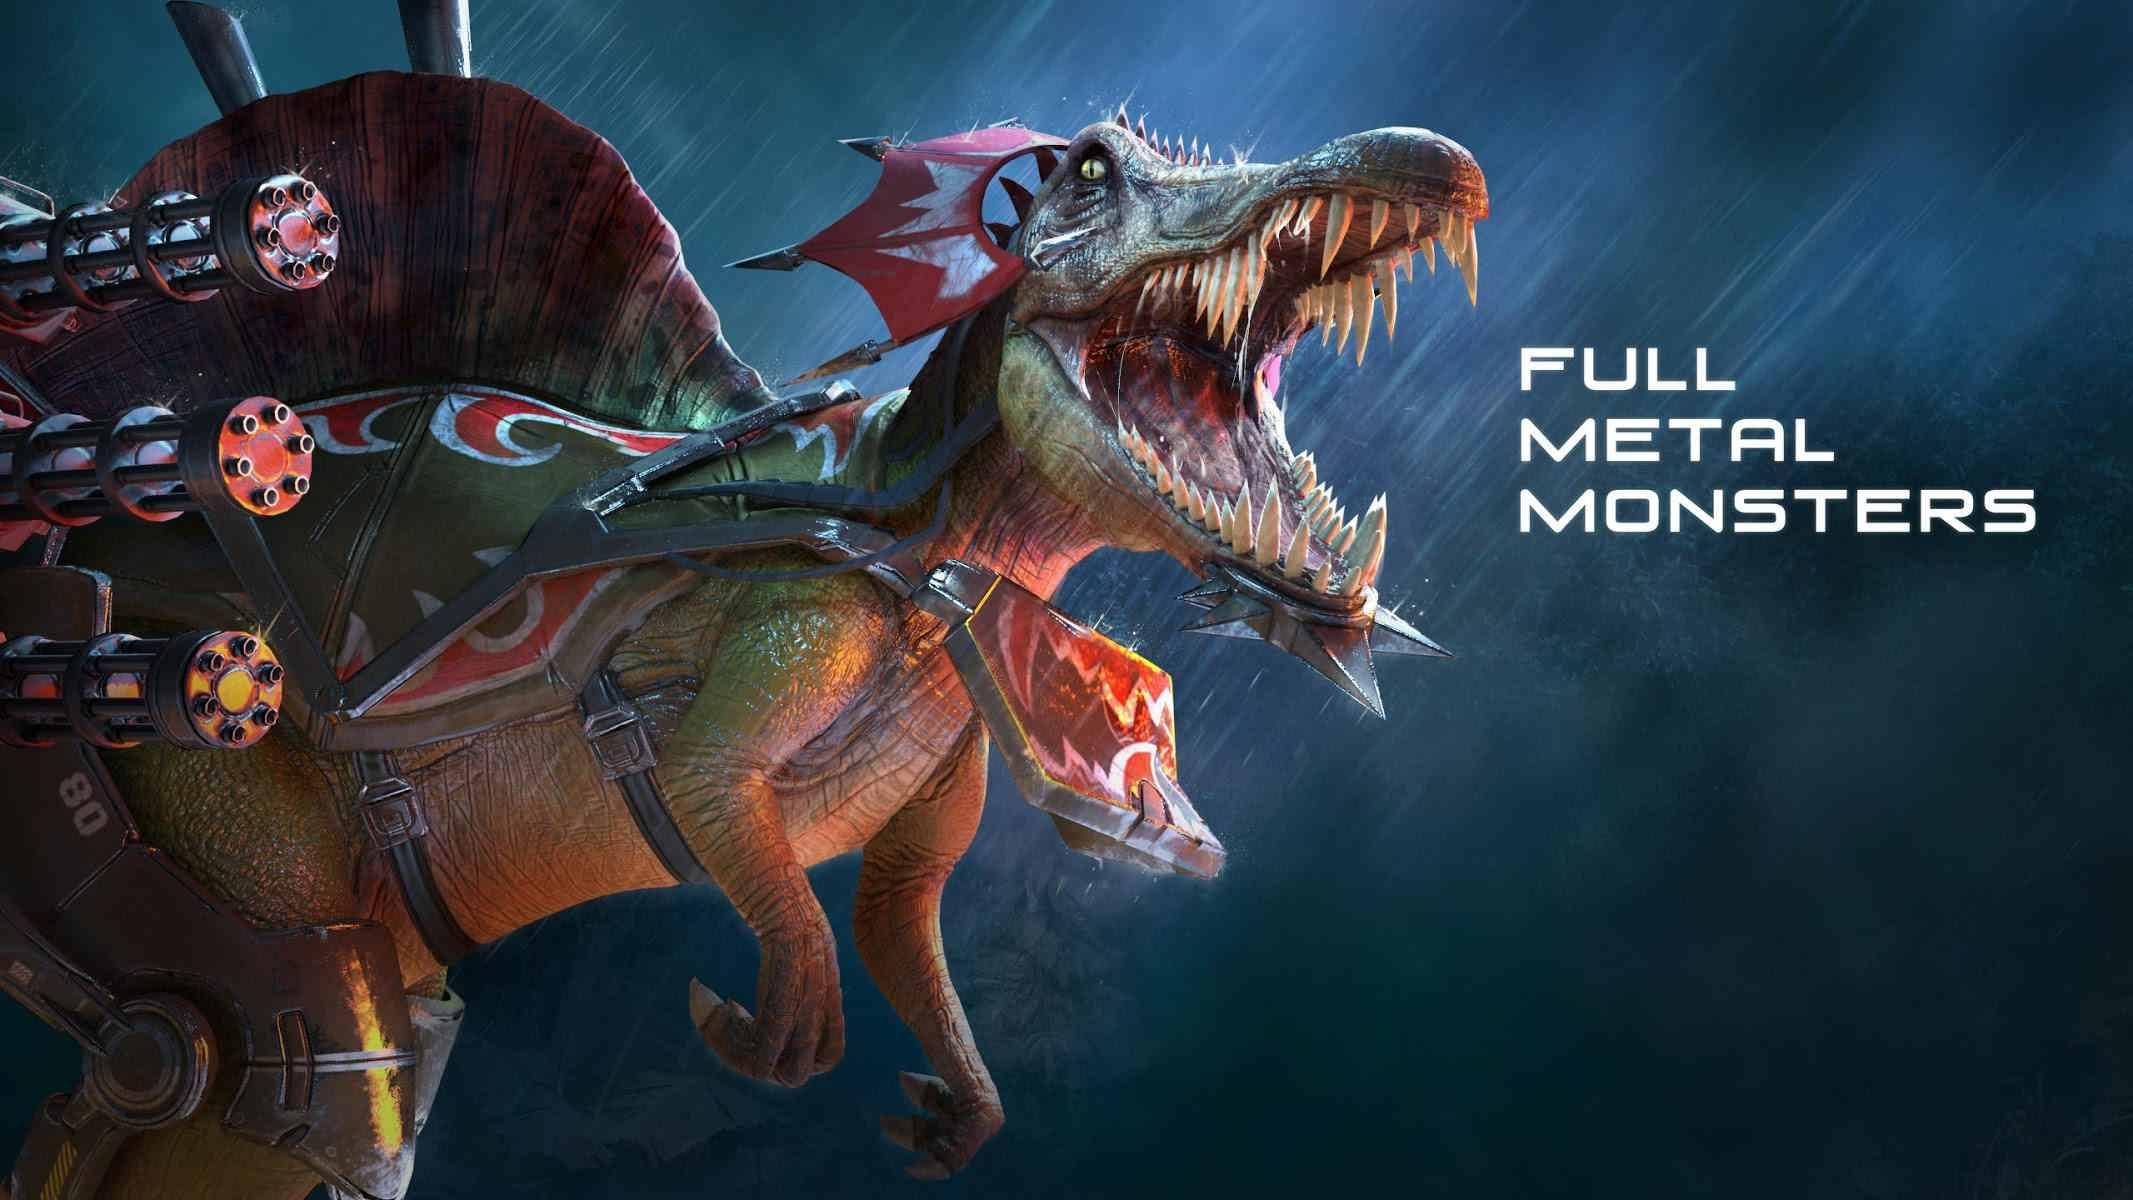 دانلود FULL METAL MONSTERS 0.10.1 – بازی اکشن حمله ی دایناسورها اندروید